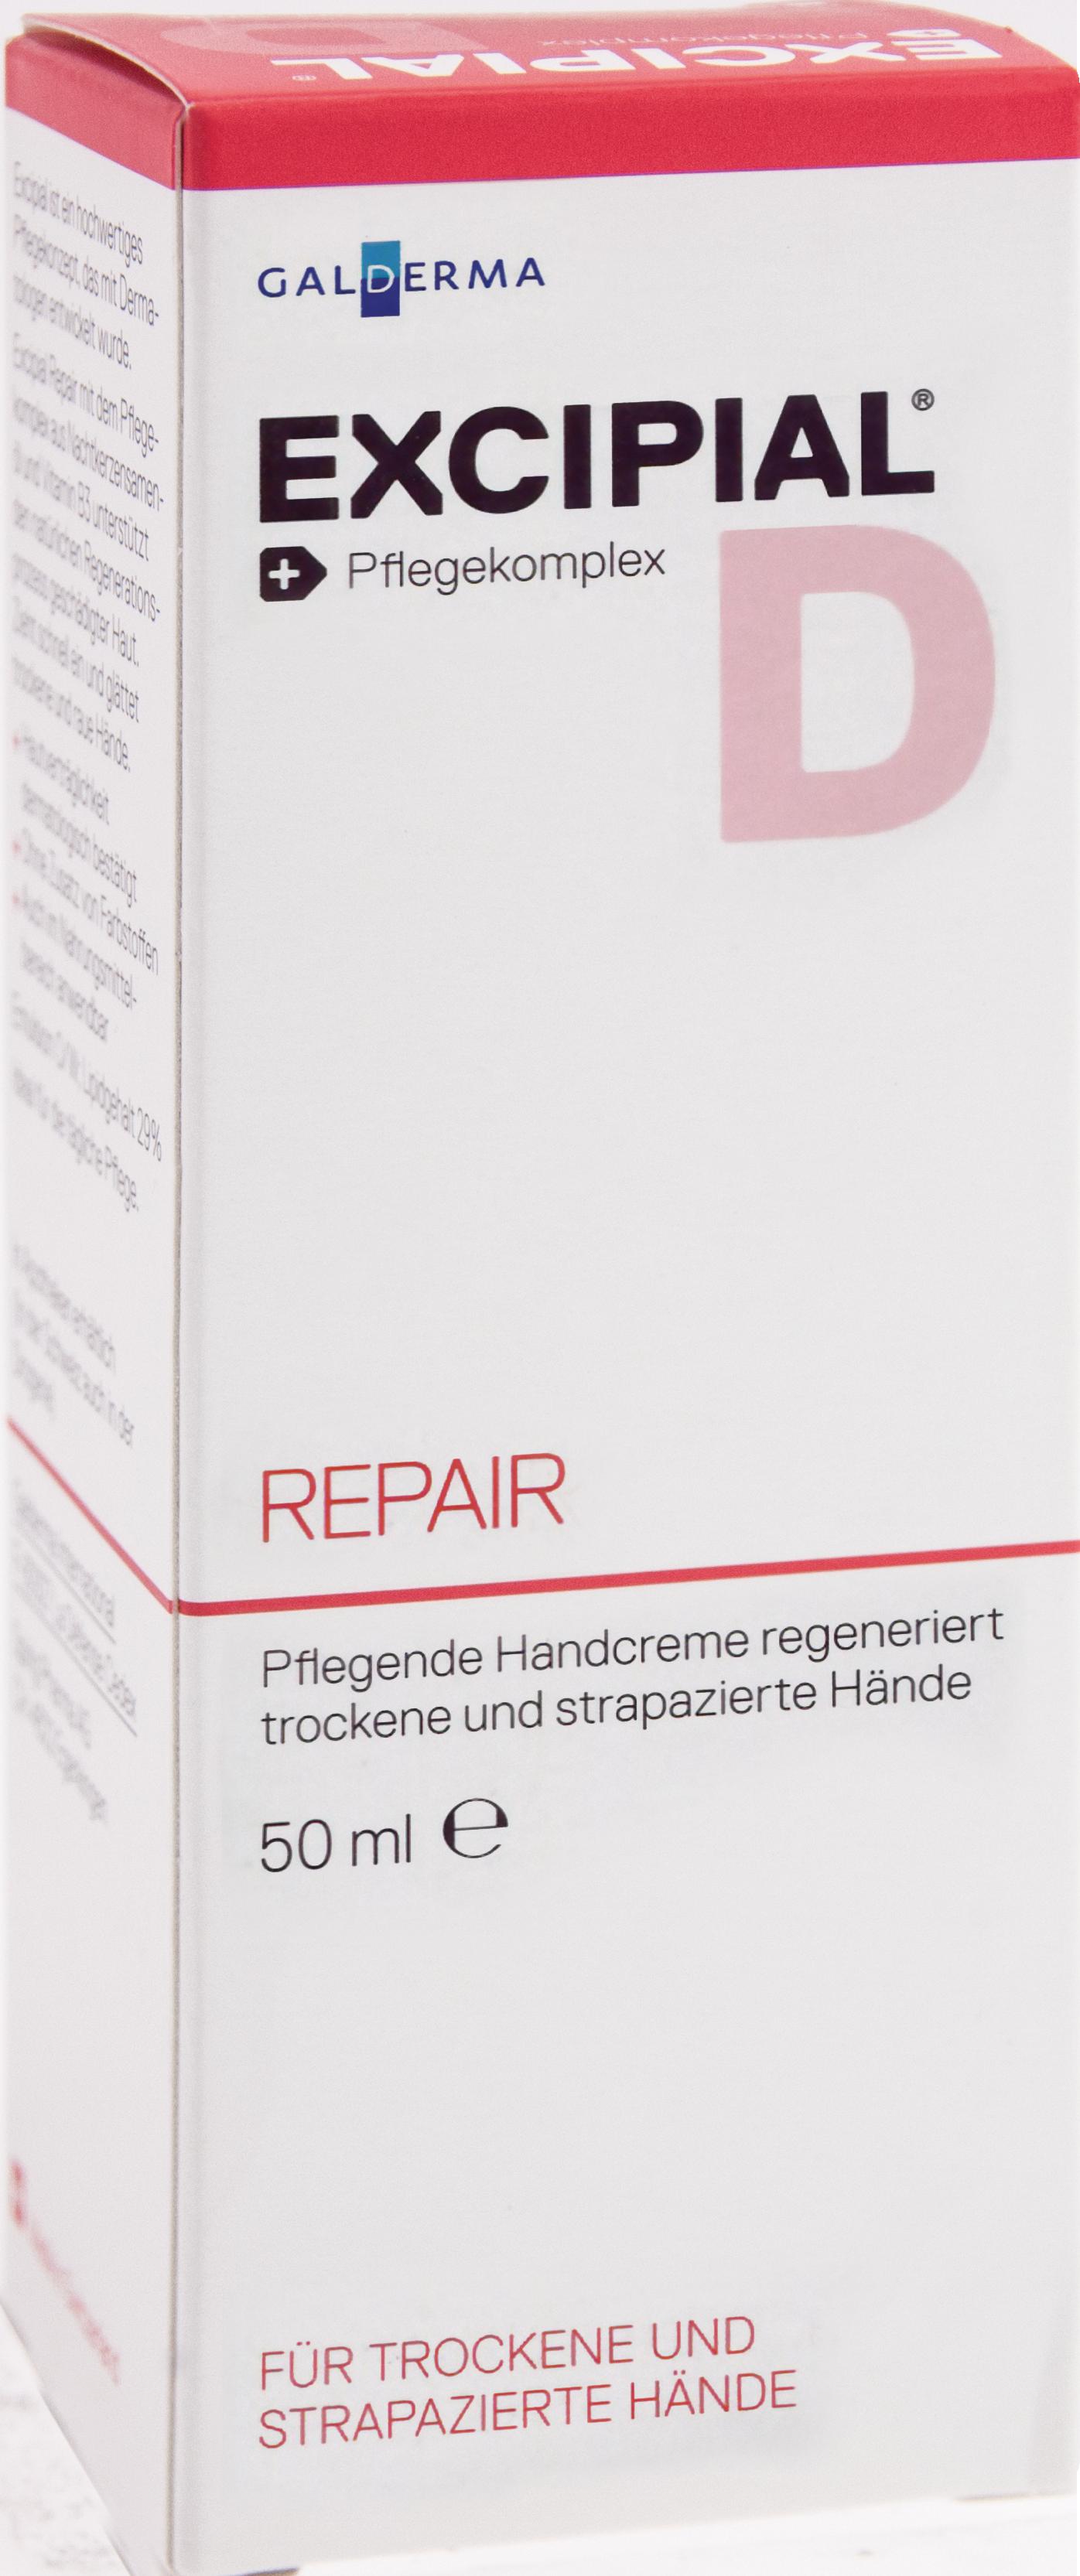 Excipial Repair